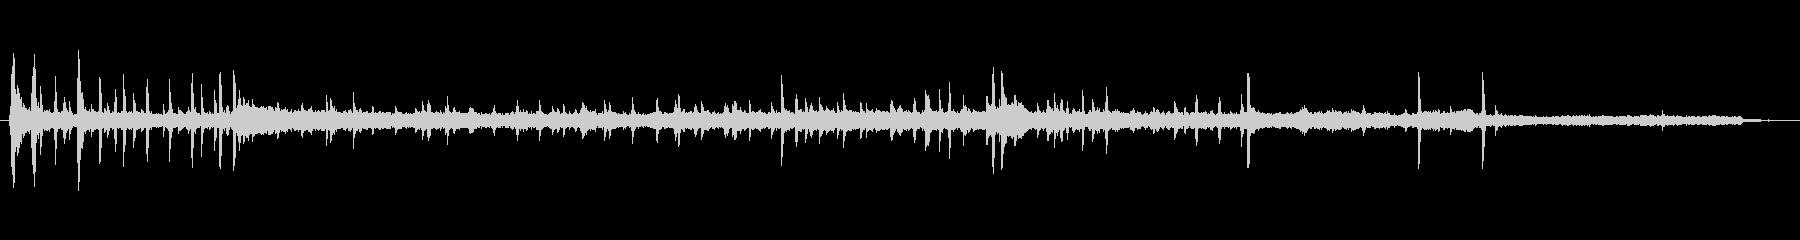 45S付きジュークボックス; DI...の未再生の波形